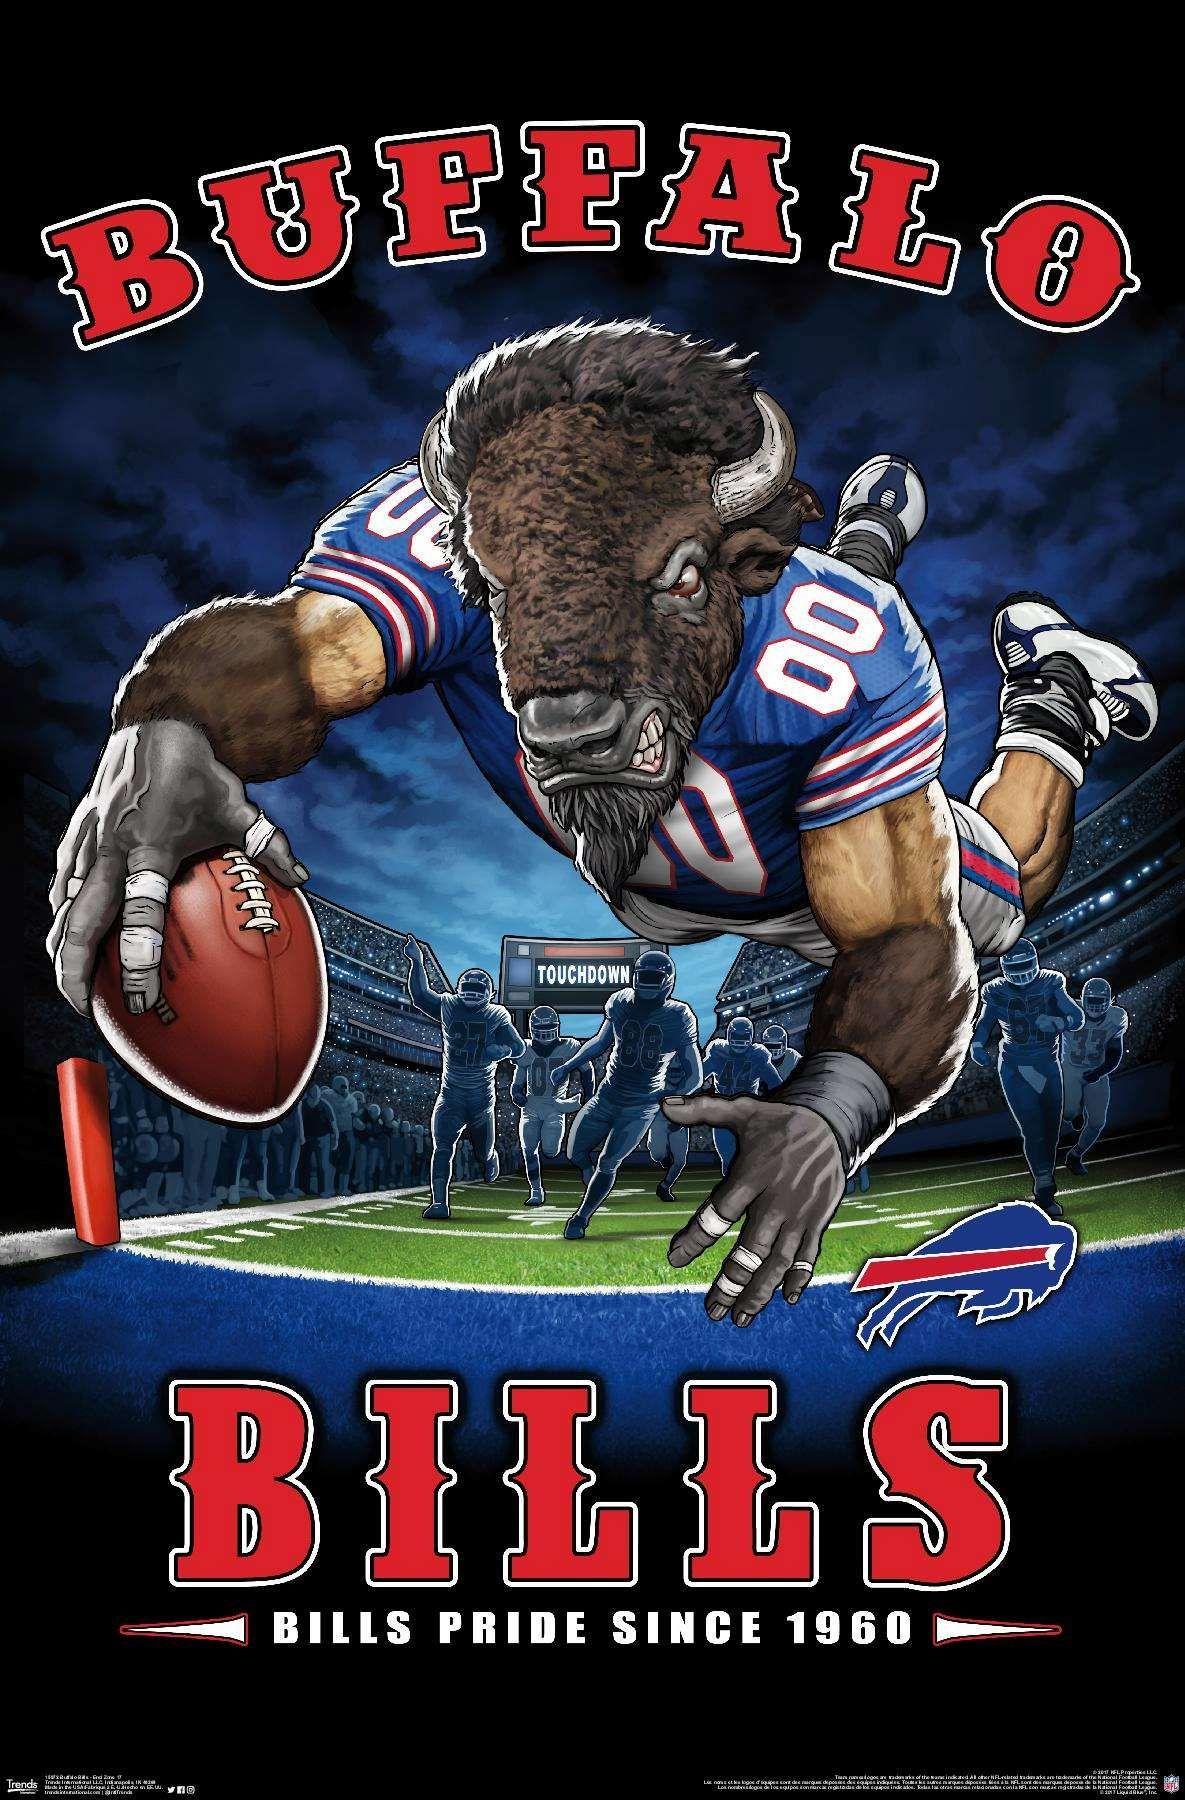 NFL Buffalo Bills End Zone in 2020 Nfl buffalo bills